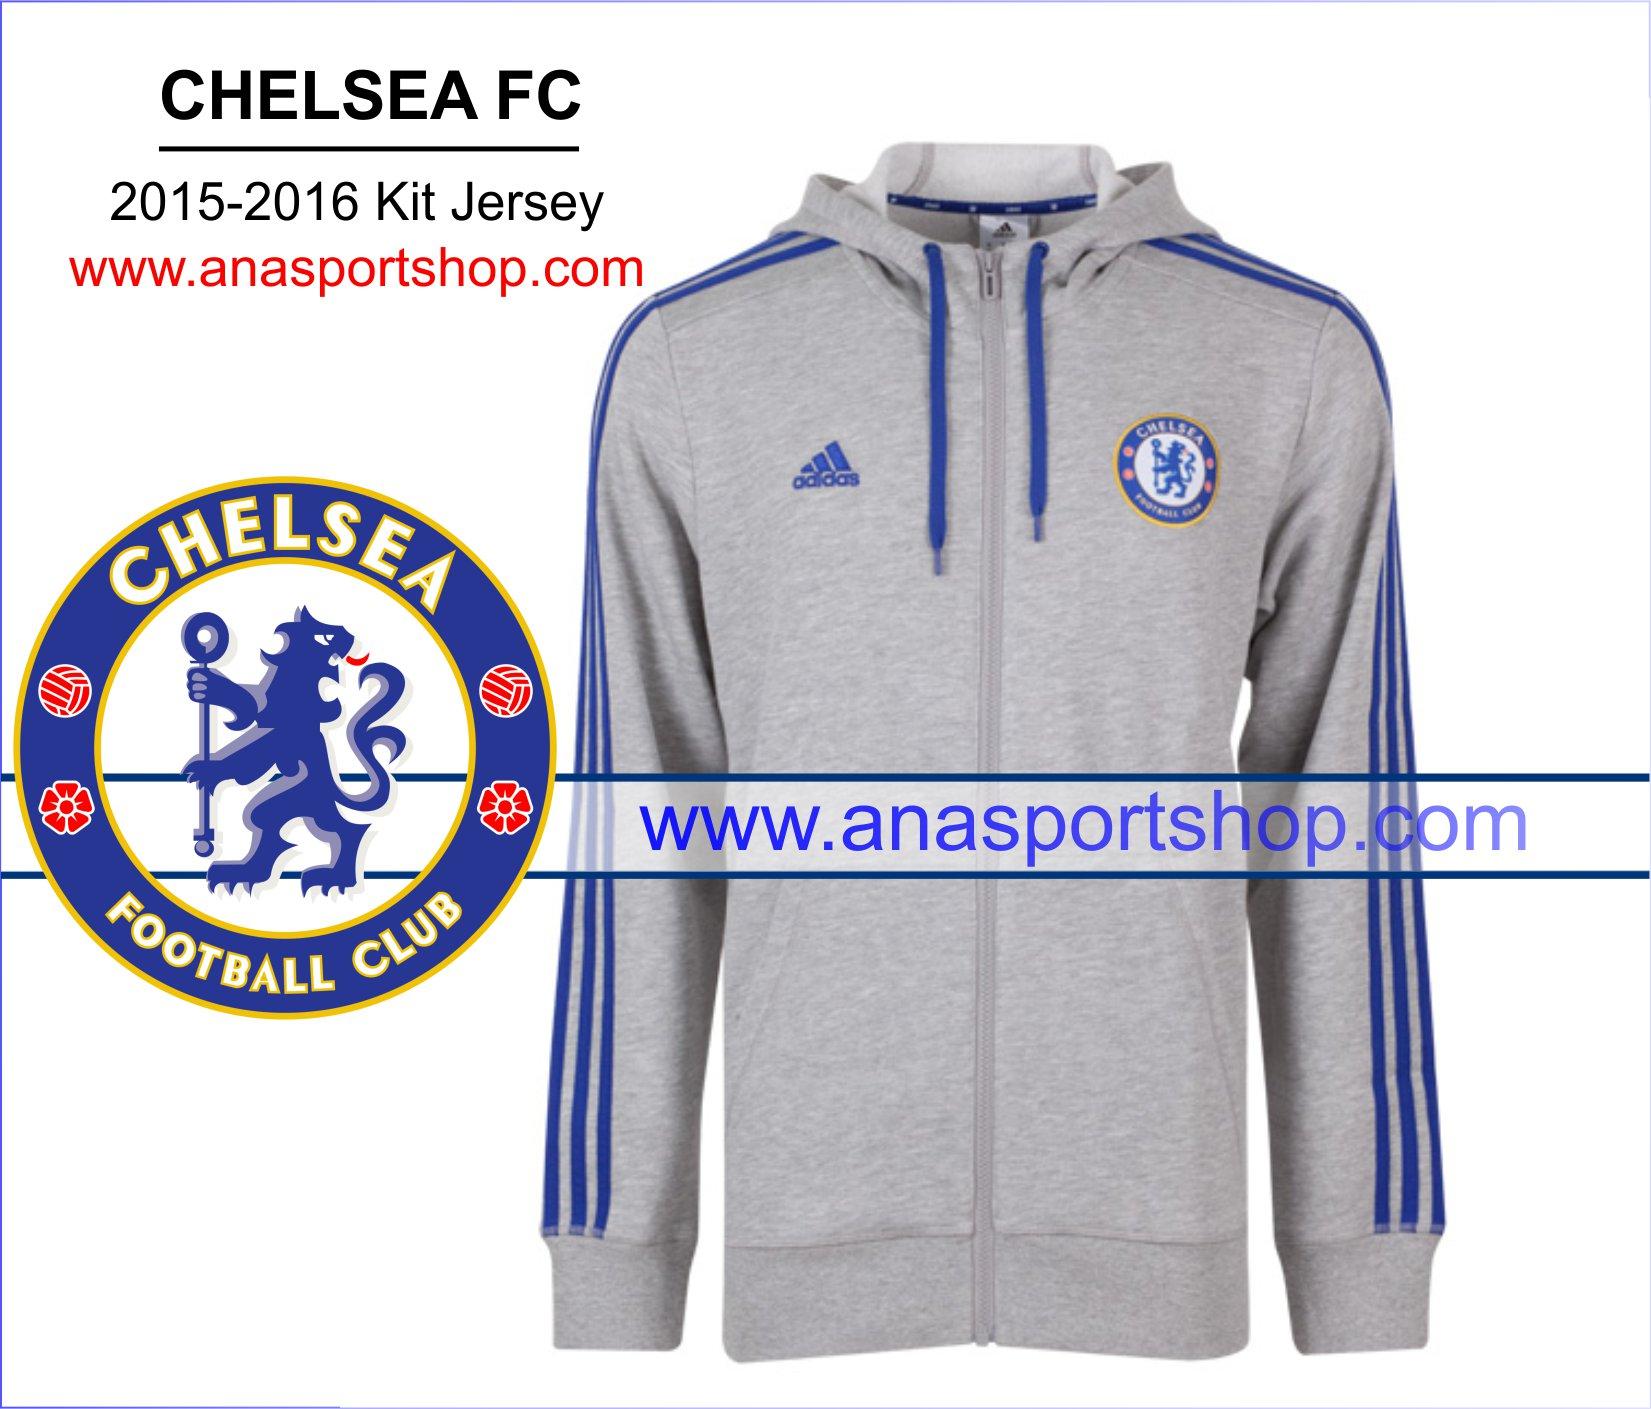 Áo khoác có mũ Chelsea 2015-2016